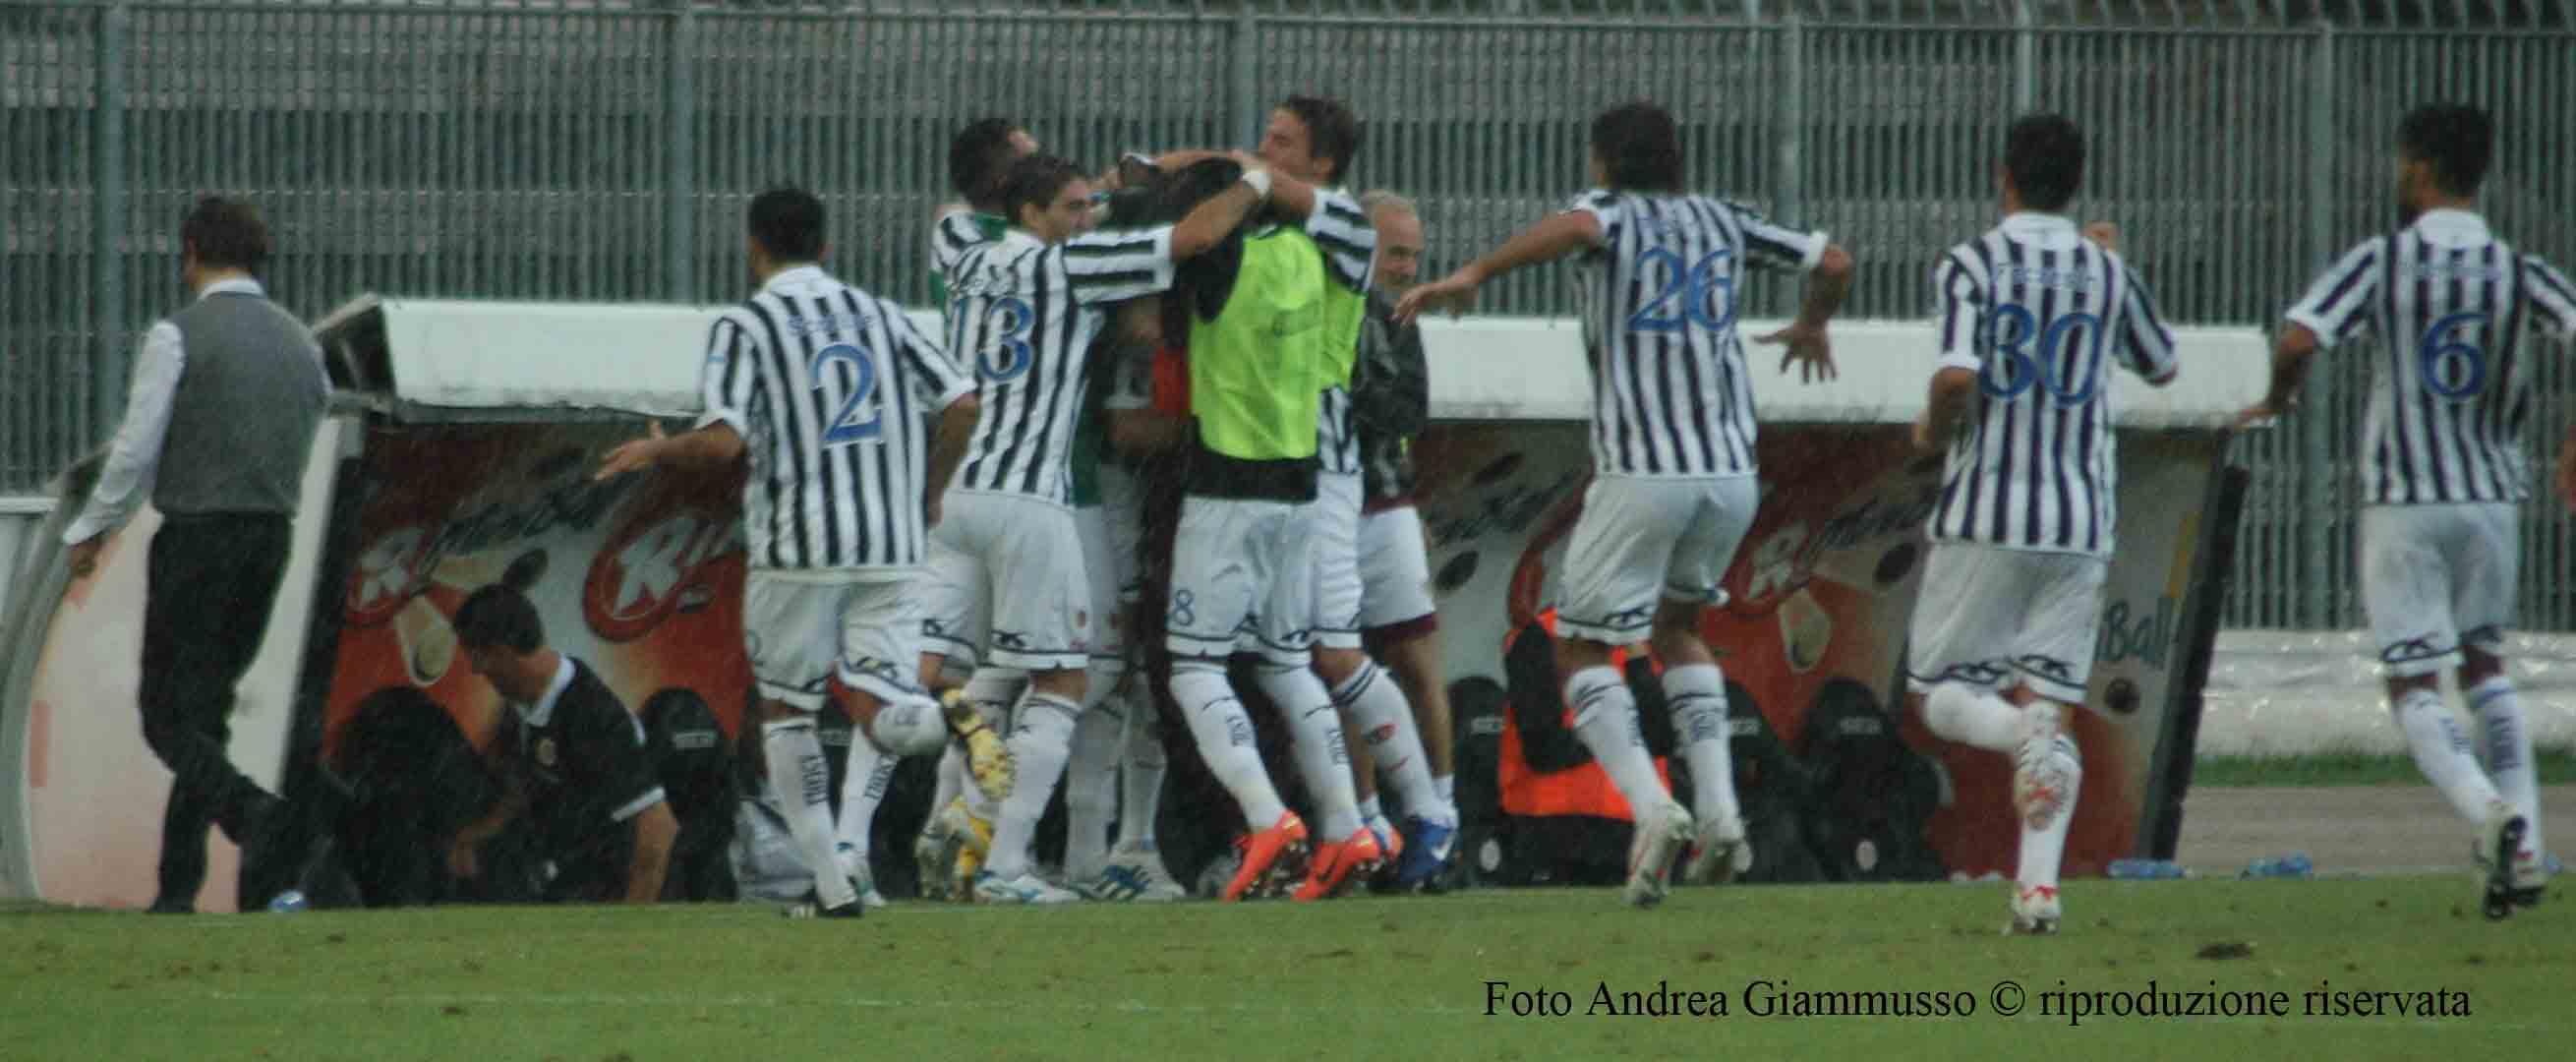 Ascoli-La Spezia, Loviso segna e riceve gli abbracci della panchina (giammusso)